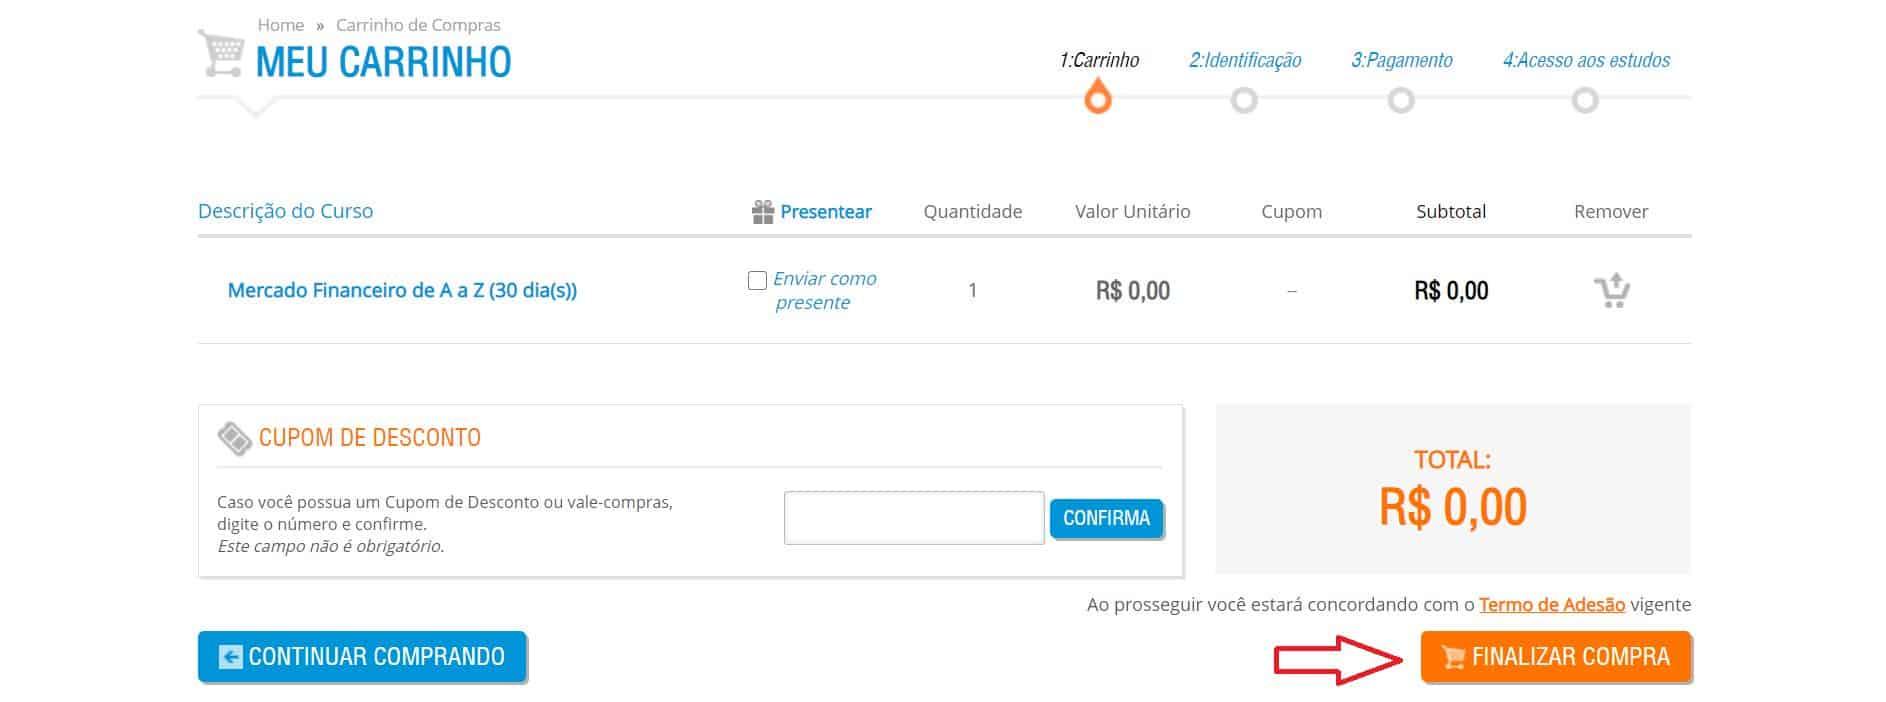 Área de conclusão da matrícula. Como são cursos gratuitos, o valor do carrinho de compras será R$ 0,00